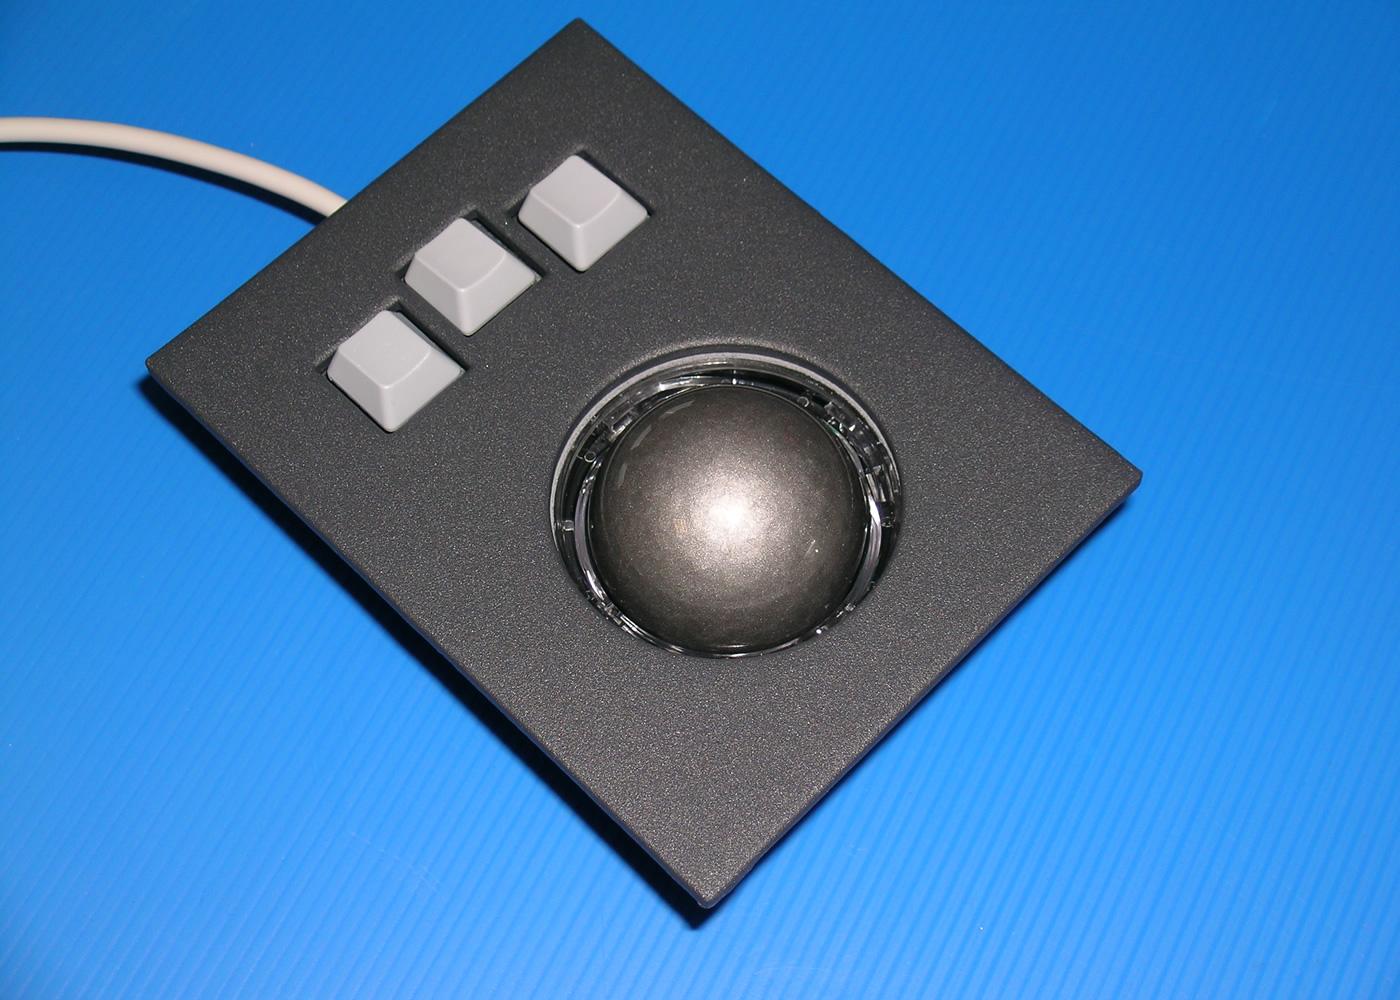 Trackball 50mm industrielle intégrable en panneau par l'avant – Bague dévissable pour nettoyage